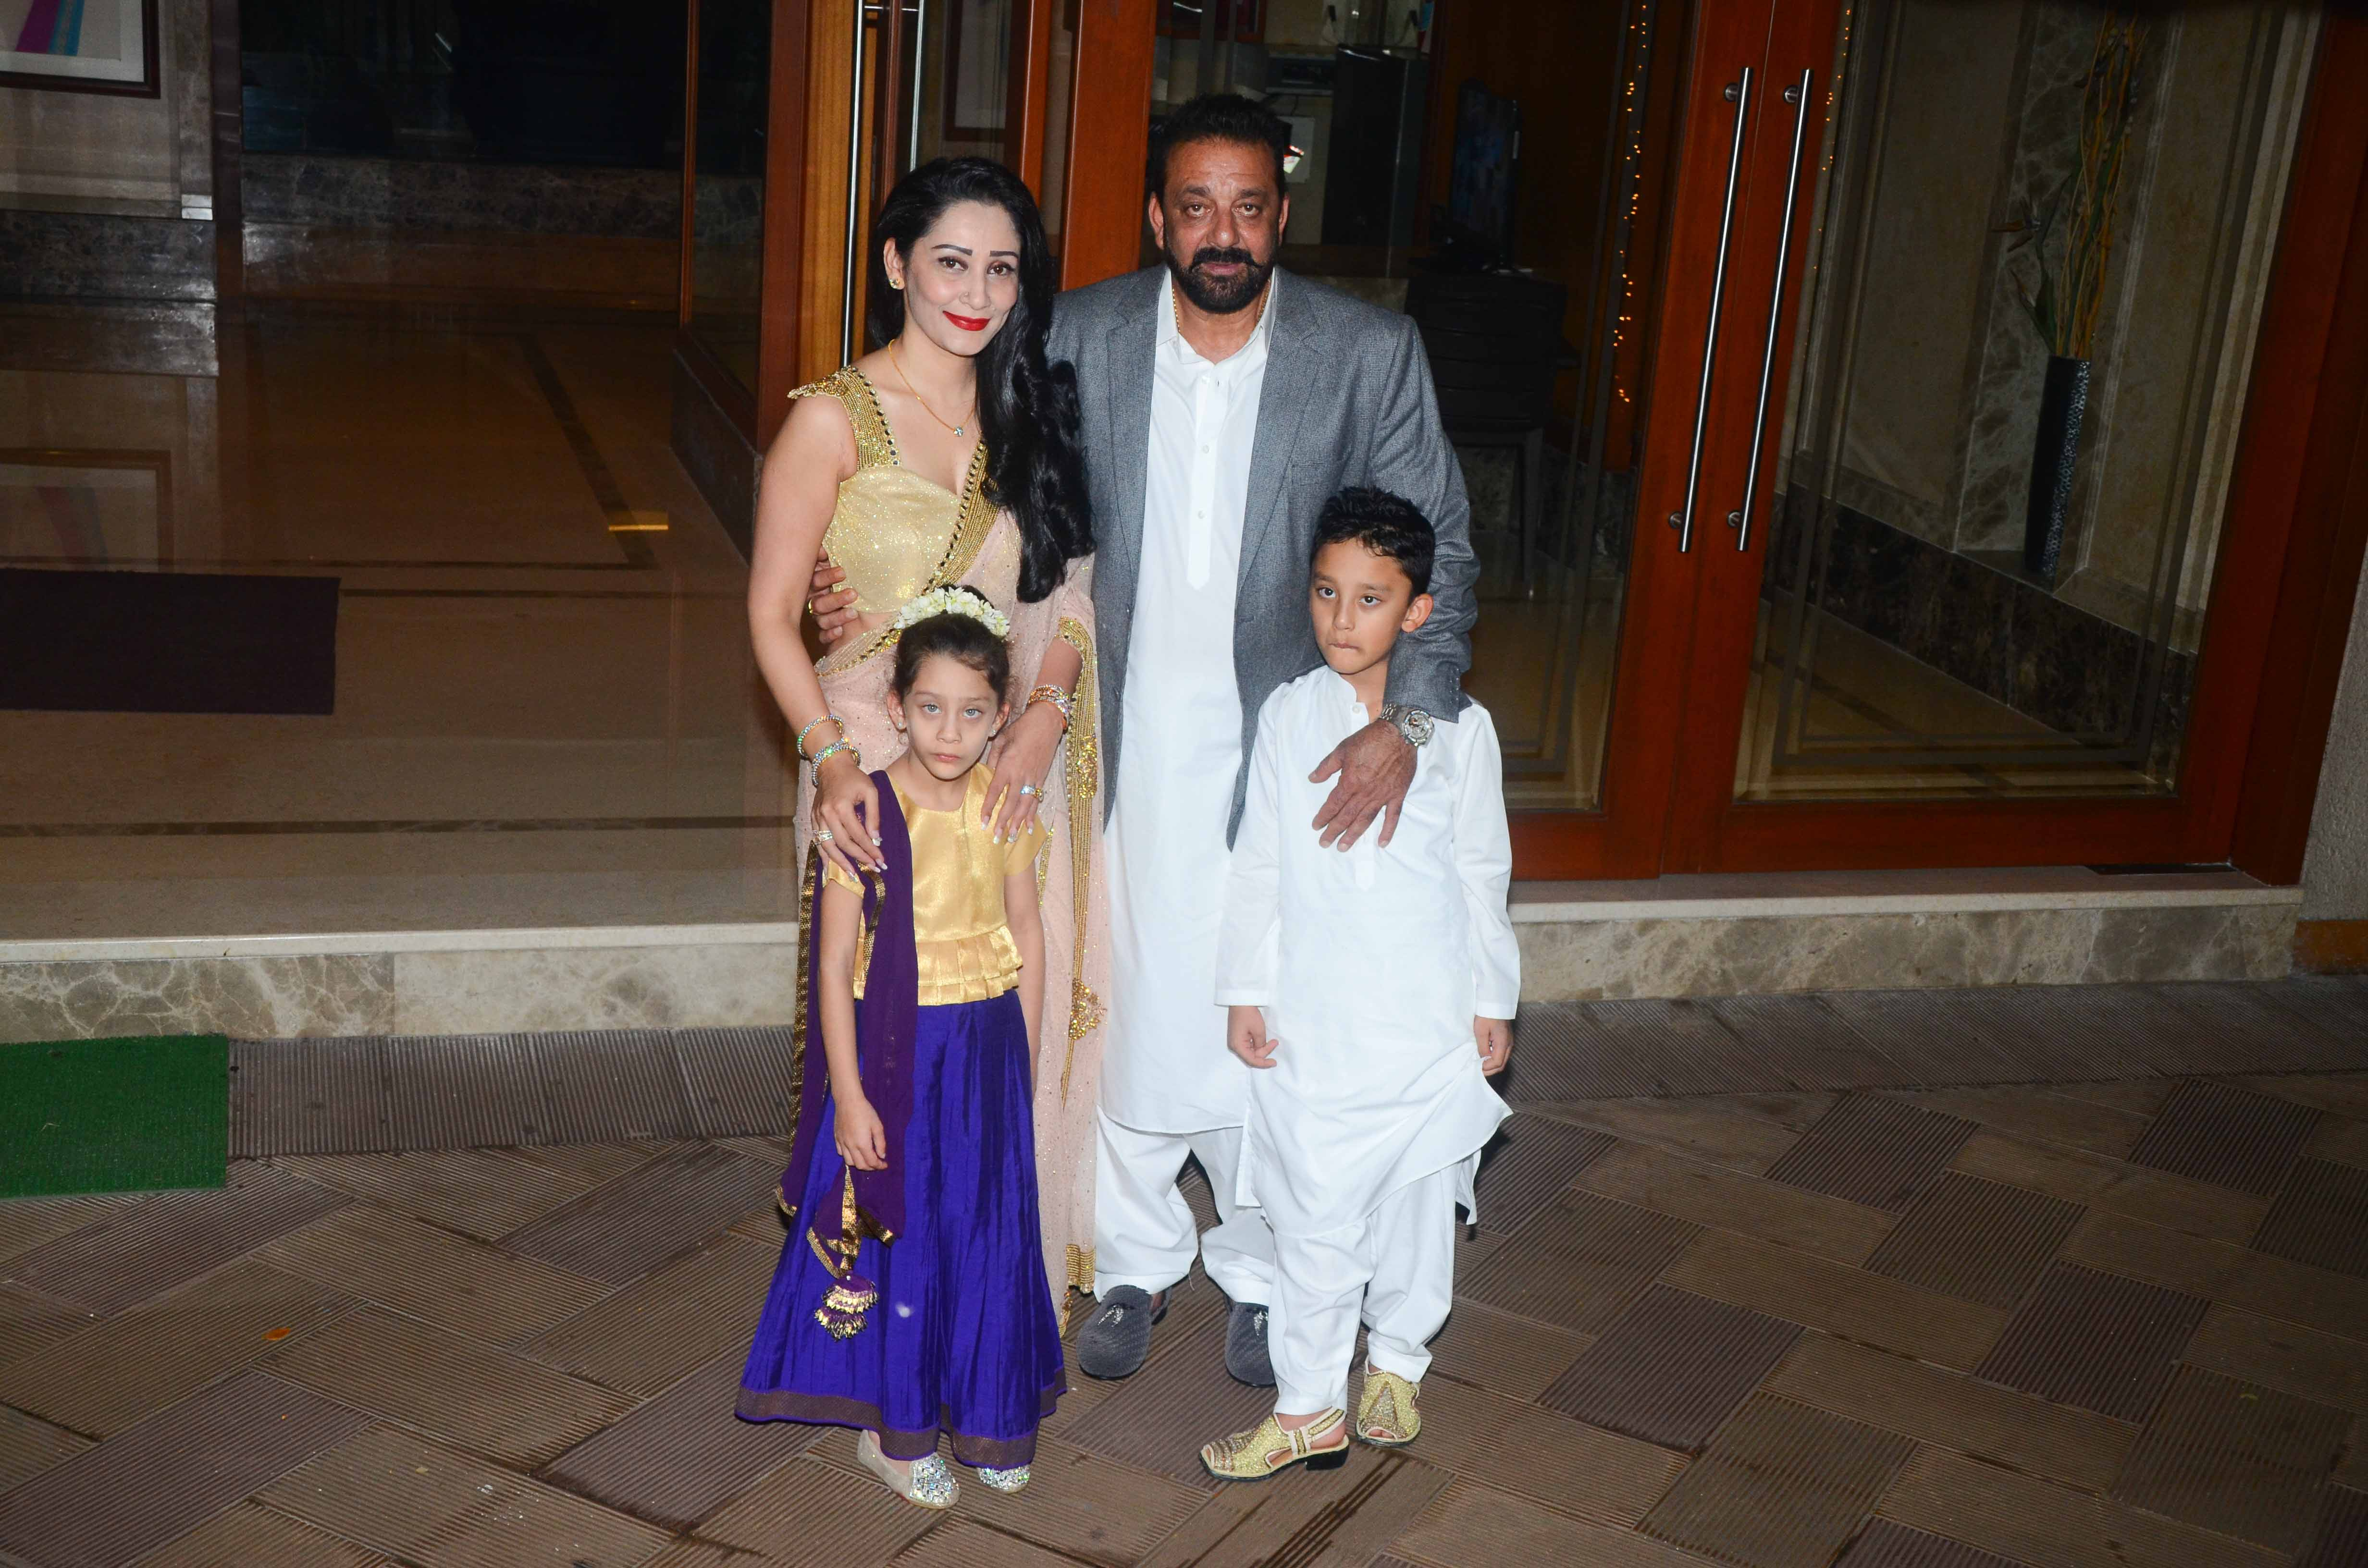 Sanjay Dutt And Manyata Dutt With Their Kids